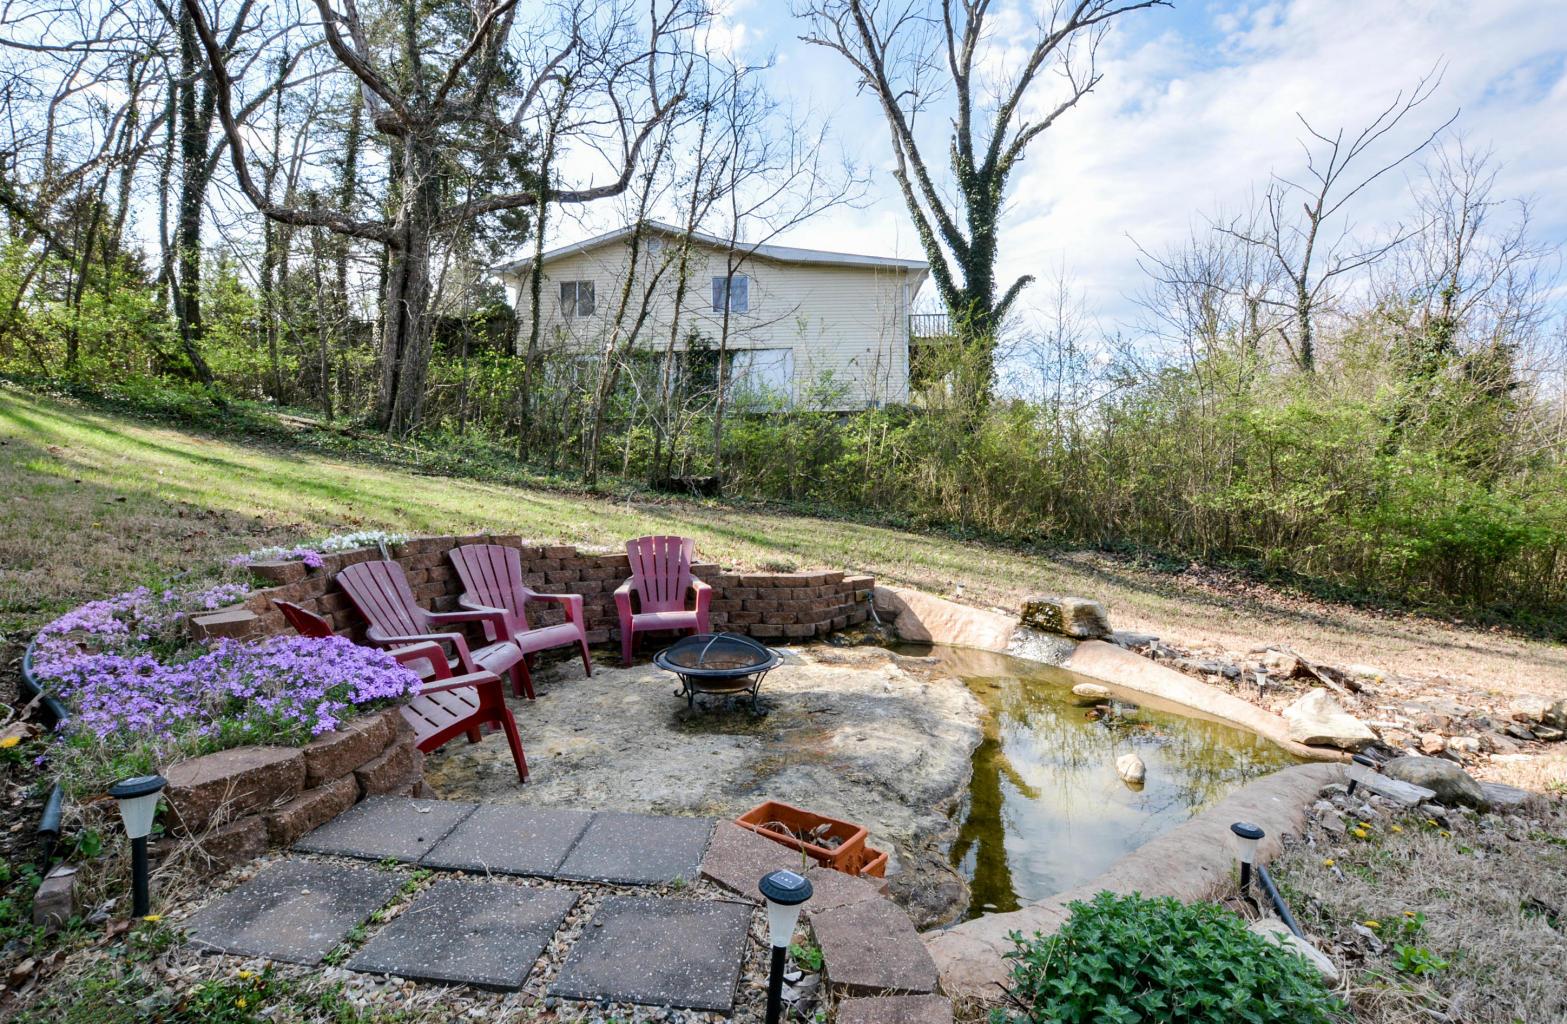 Branson Area Ledge Rock Fountain